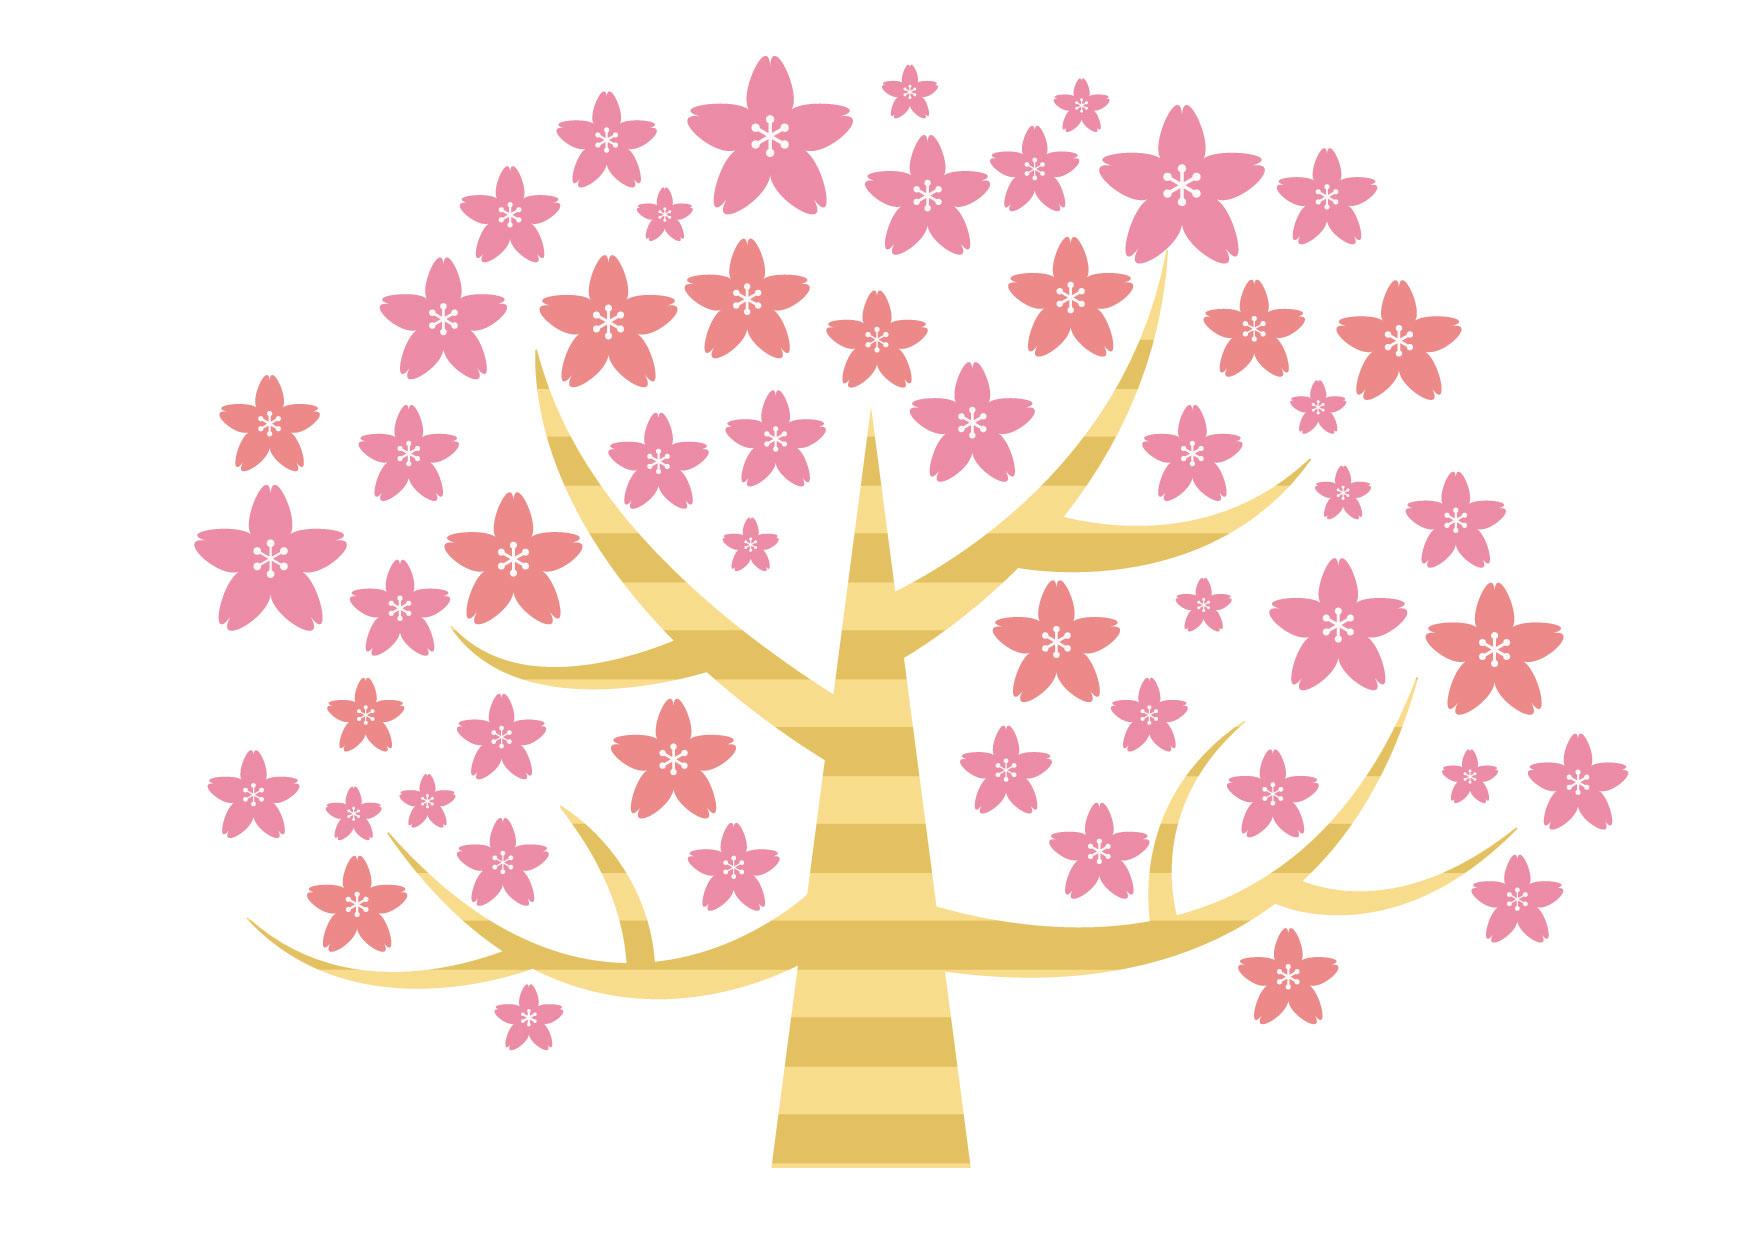 可愛いイラスト無料|桜の木 デフォルメ − free illustration Cherry Blossoms wood